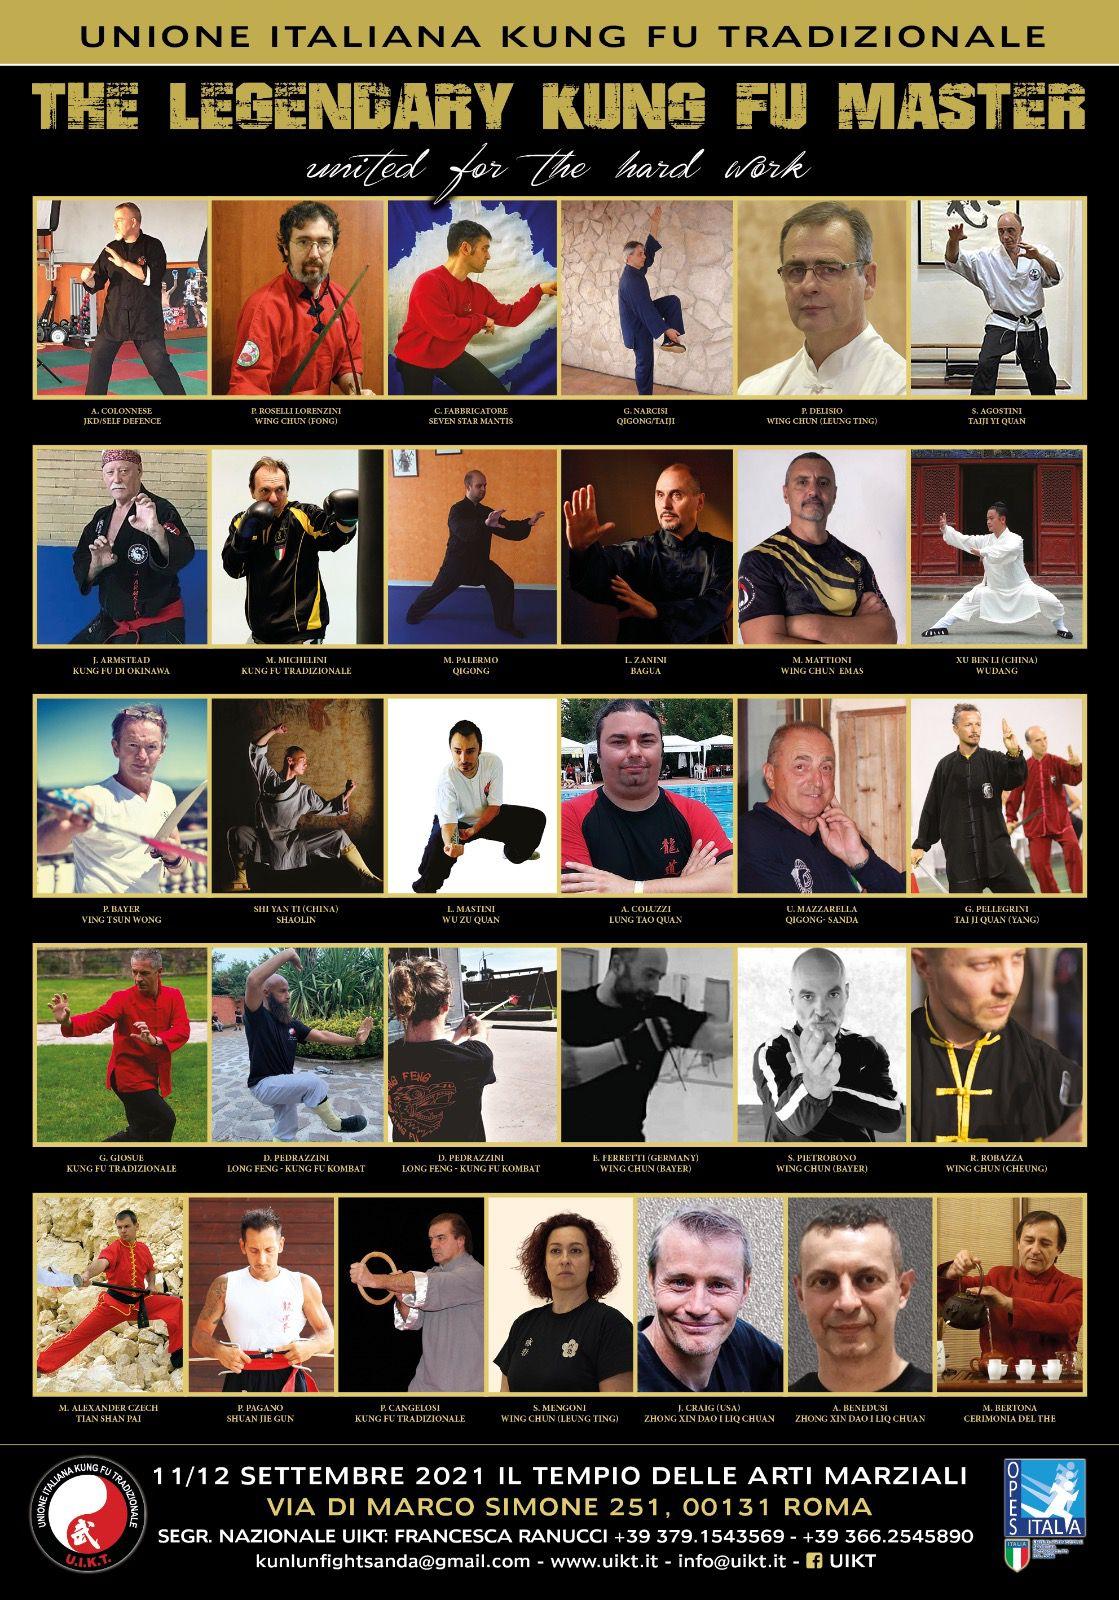 IMAD Area Tradizione Kung Fu Cina